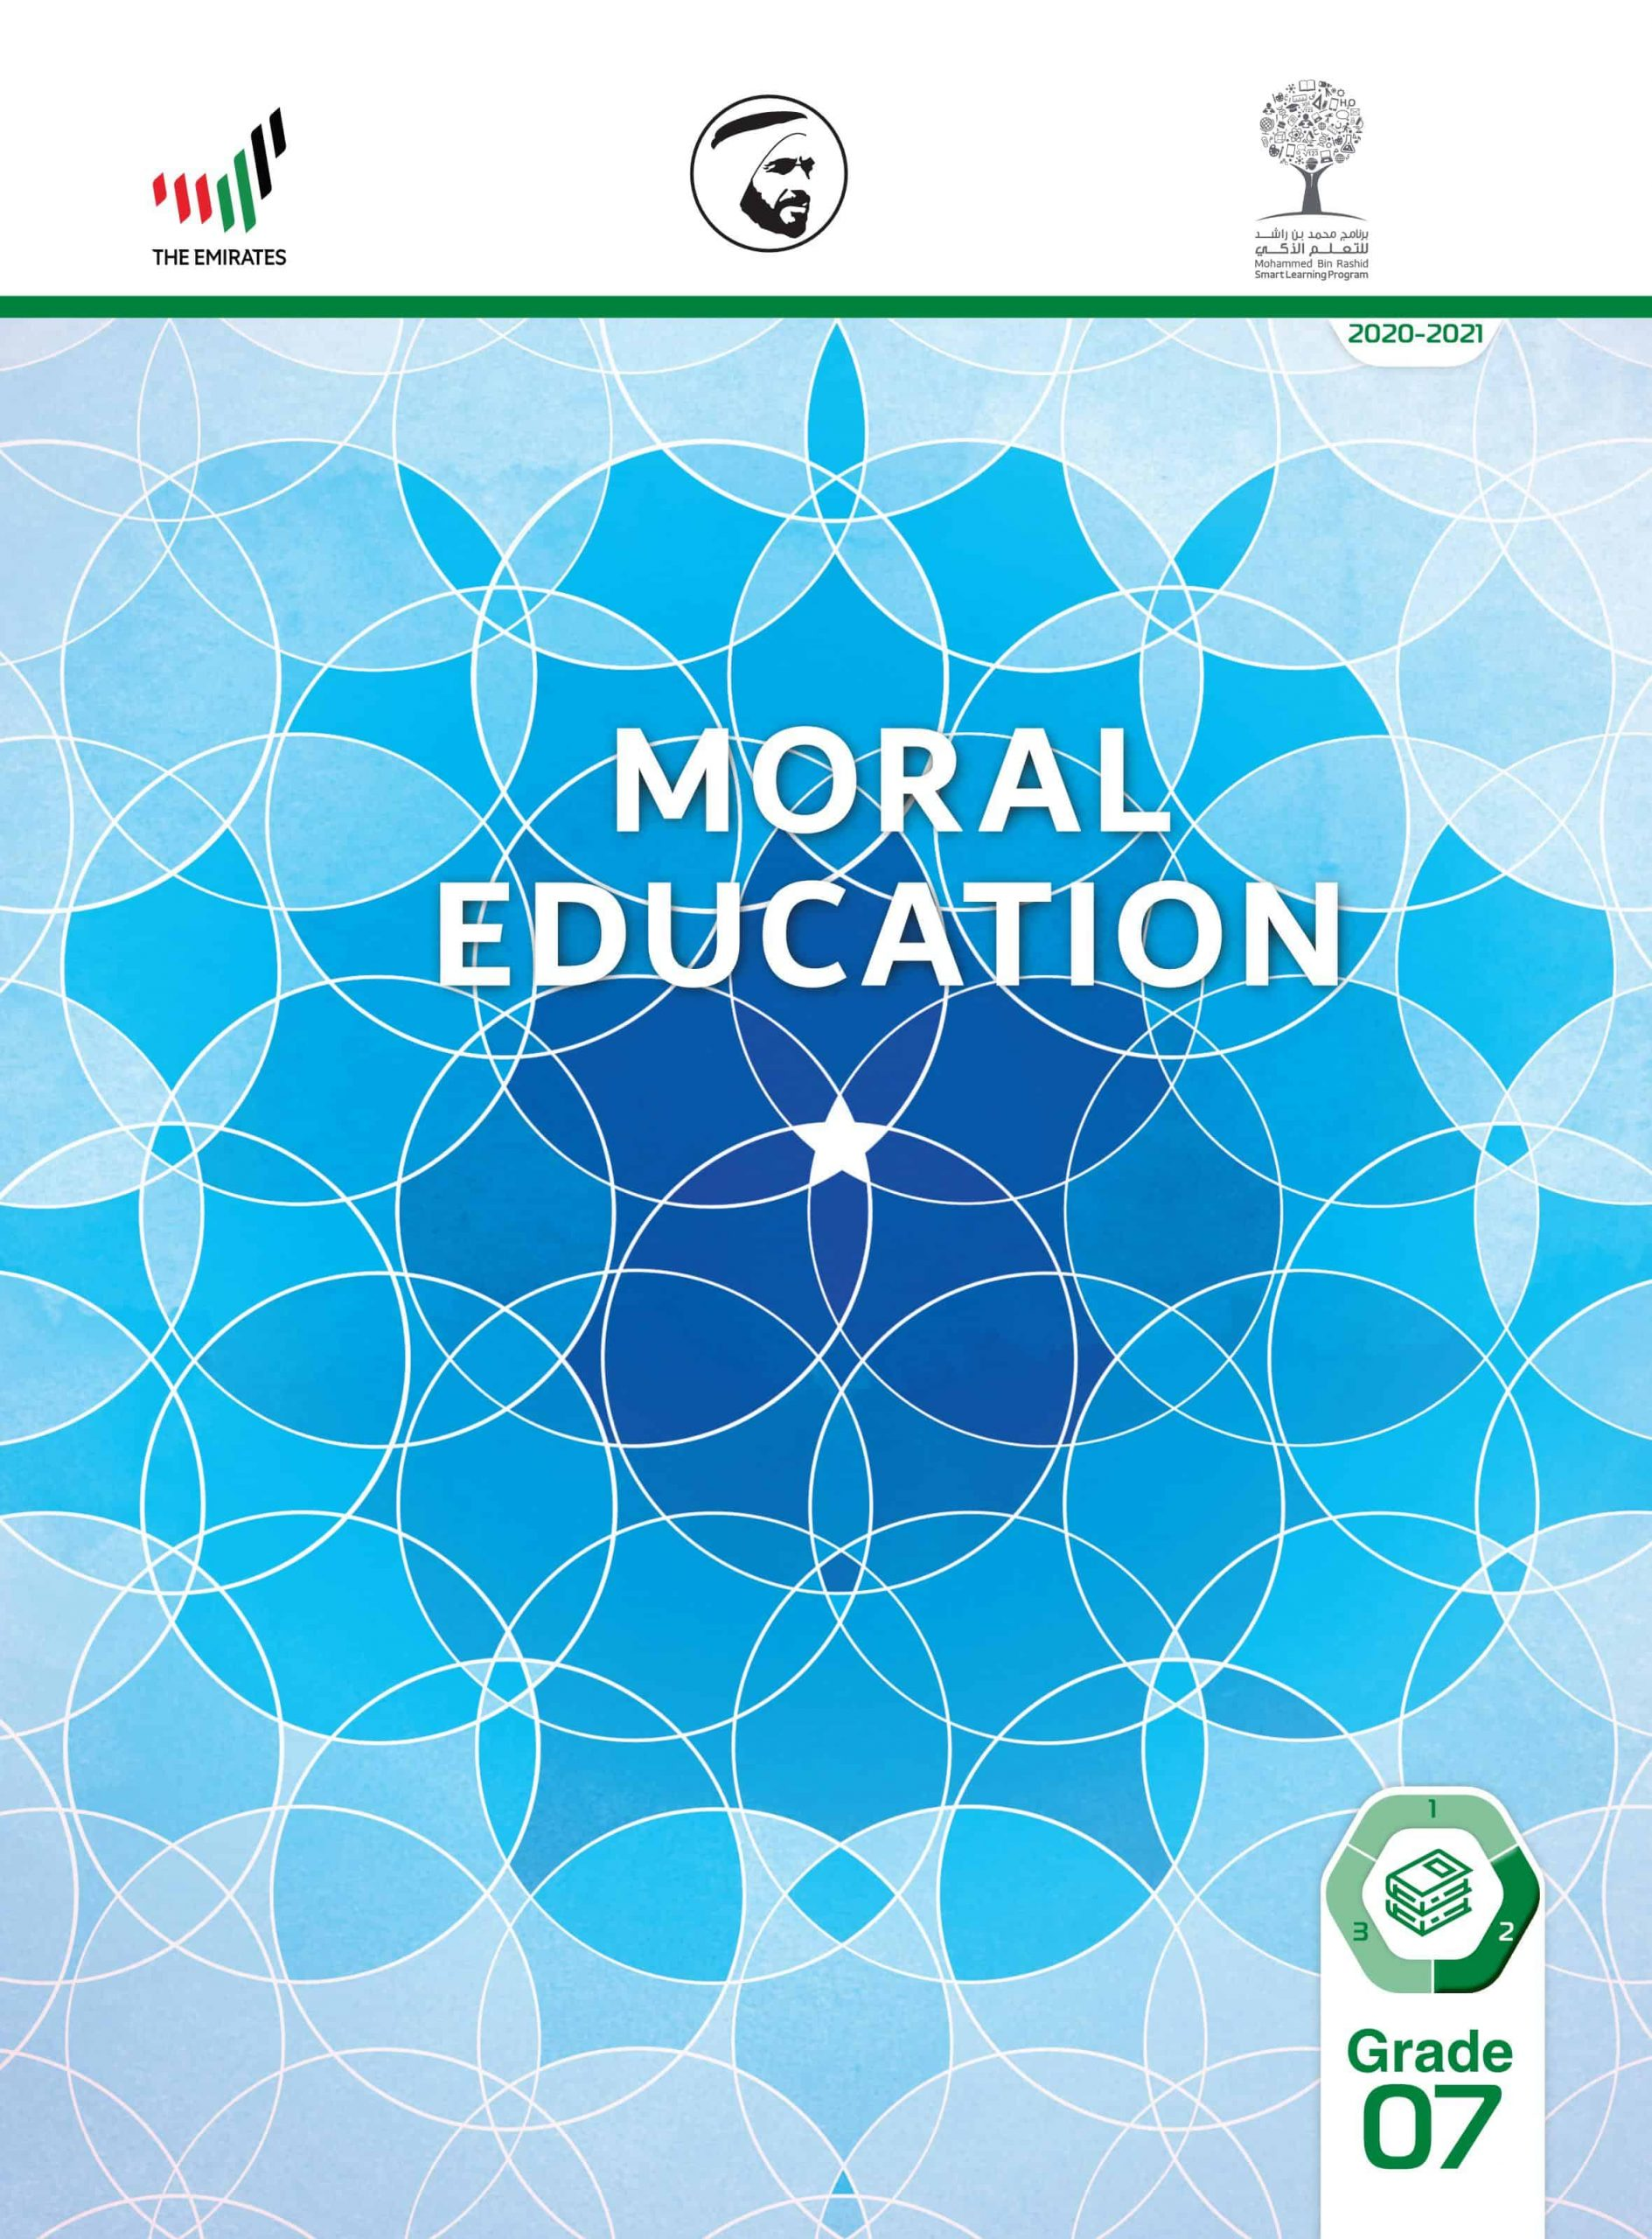 كتاب الطالب بالانجليزي الفصل الدراسي الثاني 2020-2021 الصف السابع مادة التربية الاخلاقية